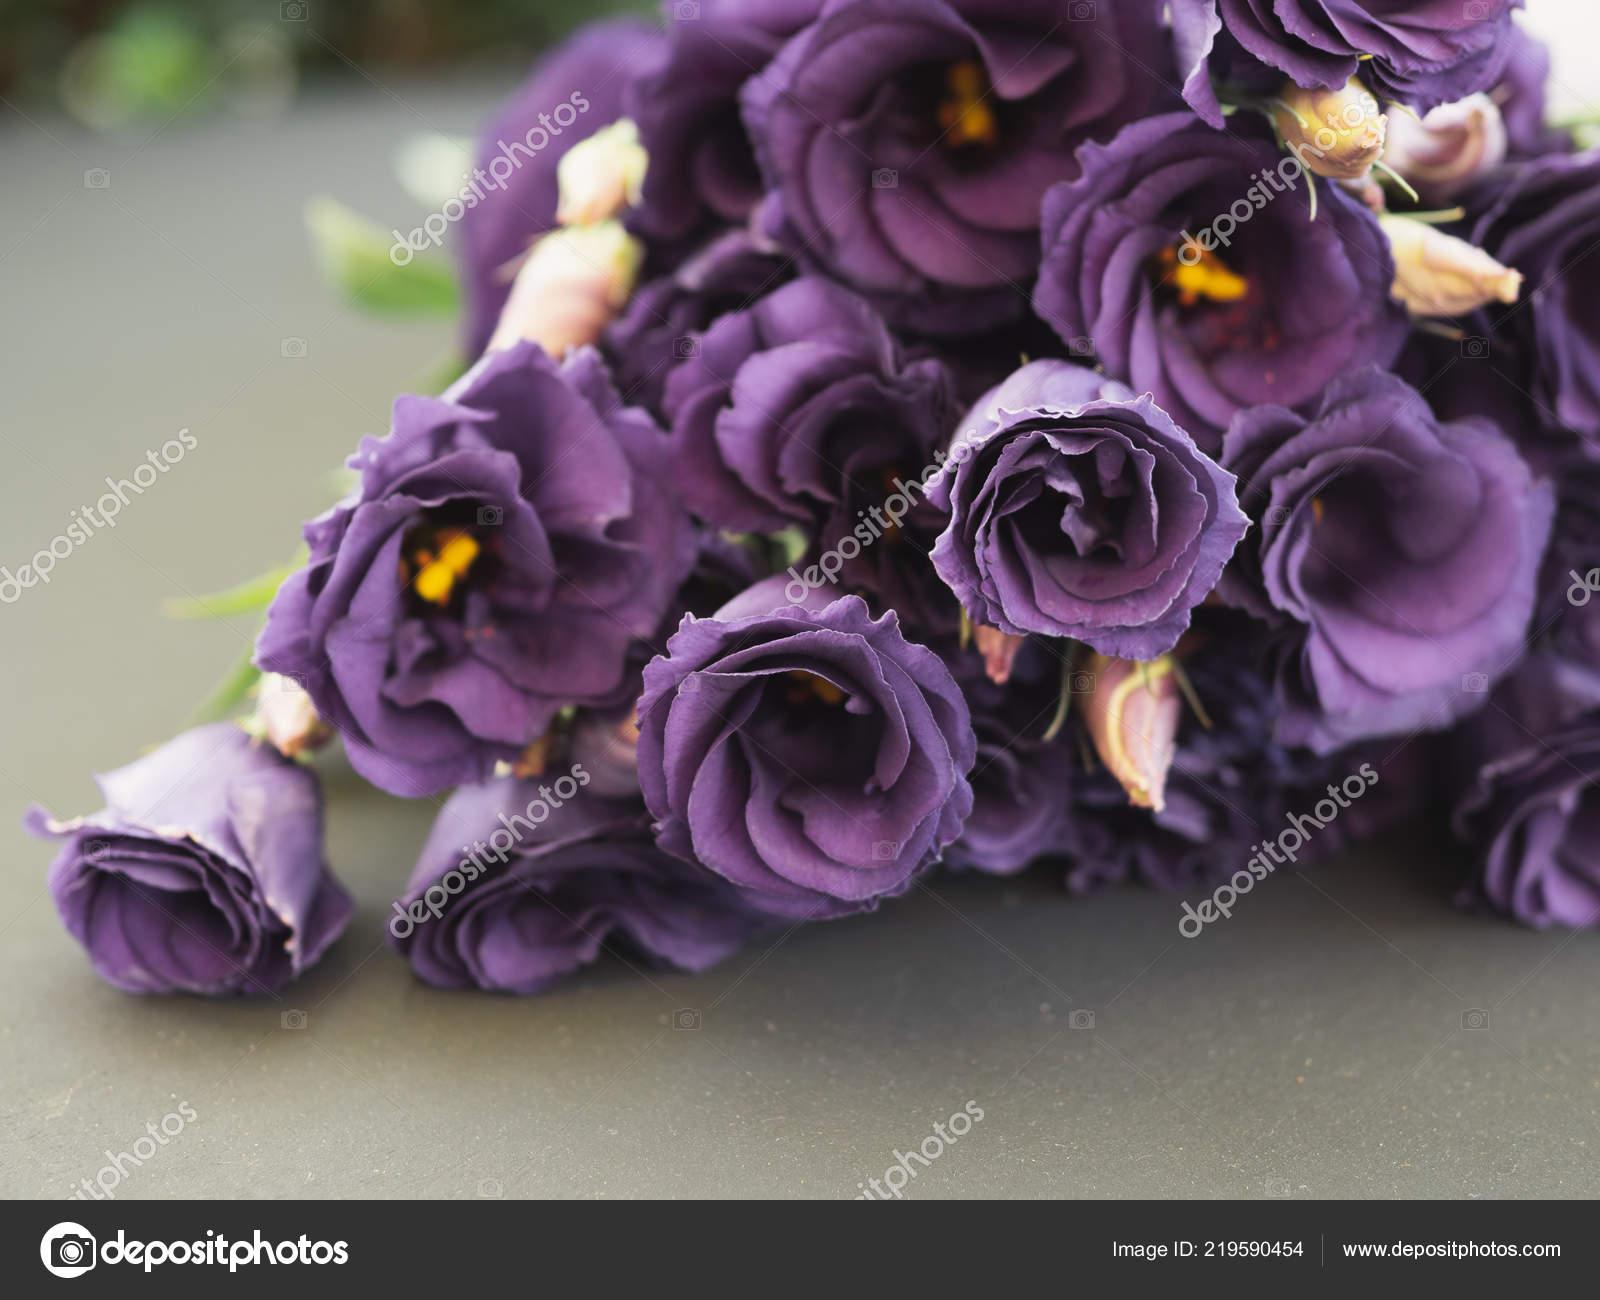 Images Purple Roses Bouquet Purple Roses Rose Bouquet Vintage Flower Arrangement Stock Photo C Loriklaszlo 219590454